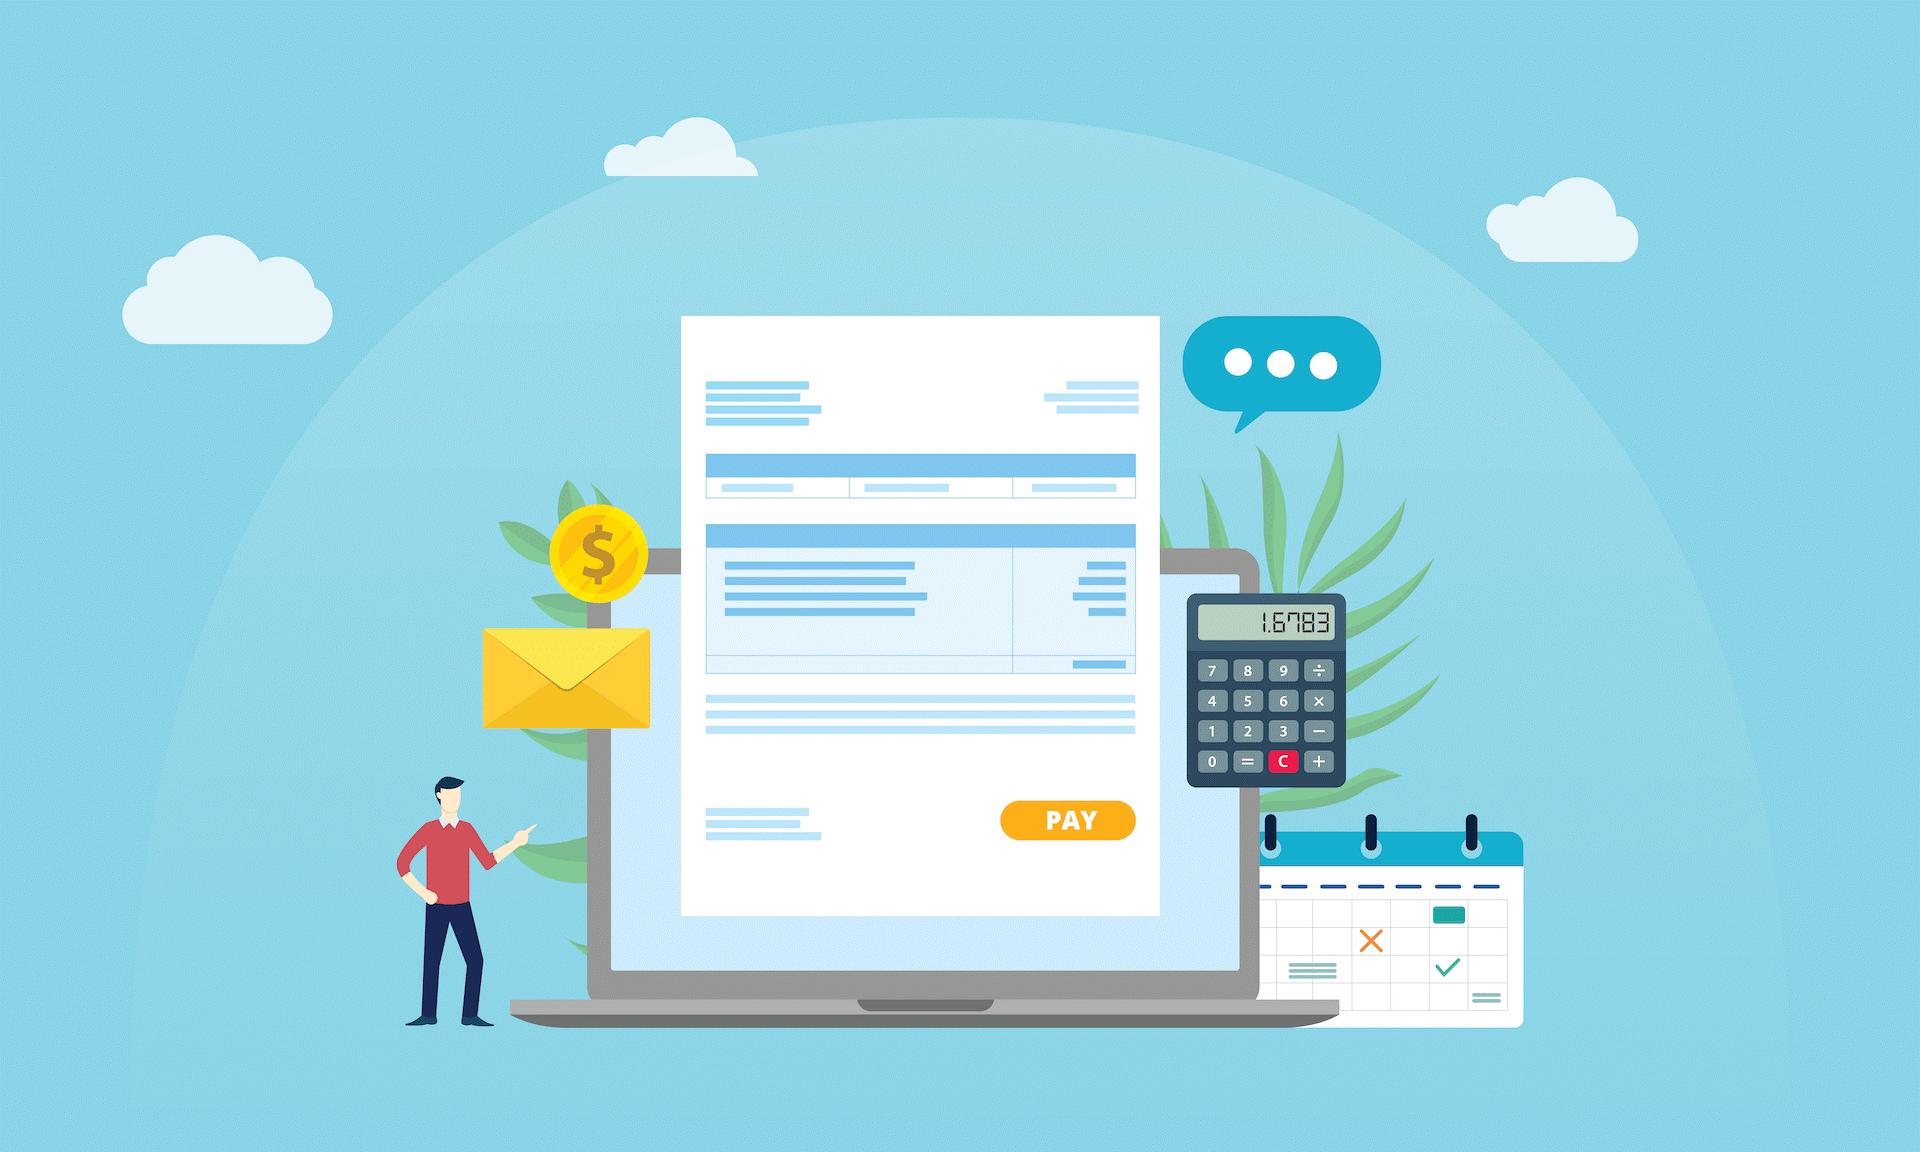 انتخاب نرم افزار حقوق و دستمزد